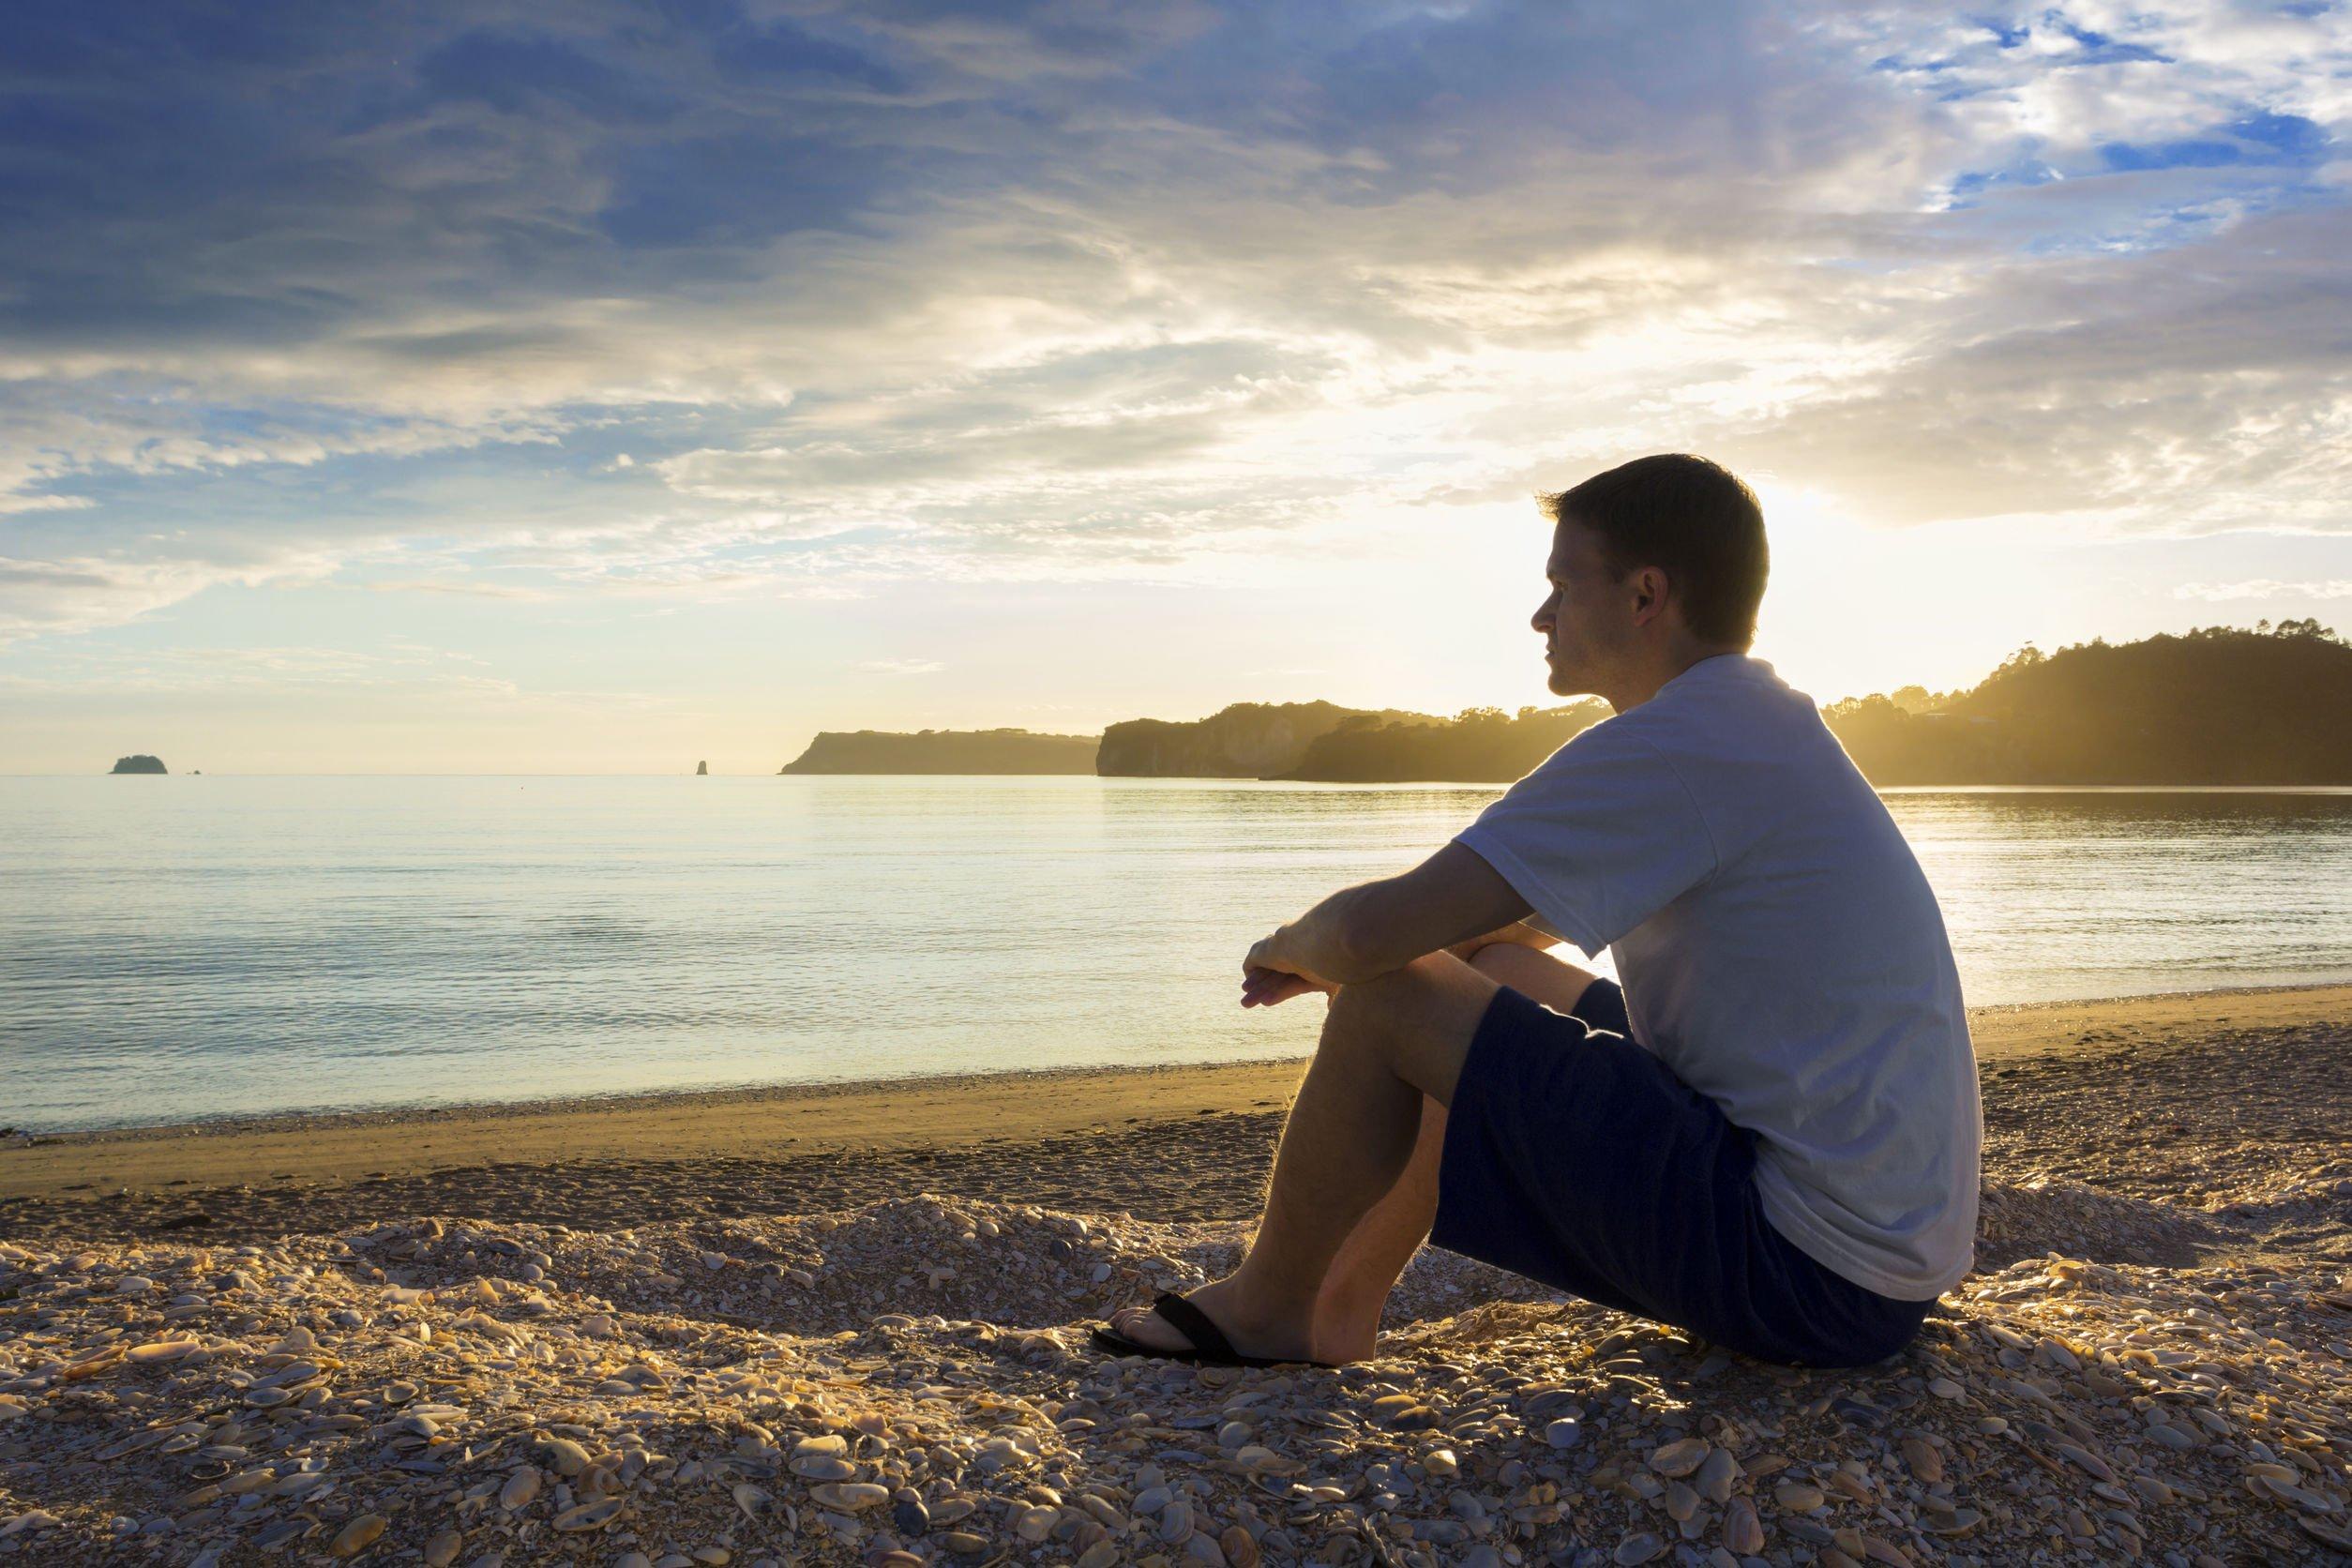 Ficar Em Paz é Melhor Do Que Ter Razão: Viver Em Paz. Uma Vida Tranquila é Uma Vida Saudável